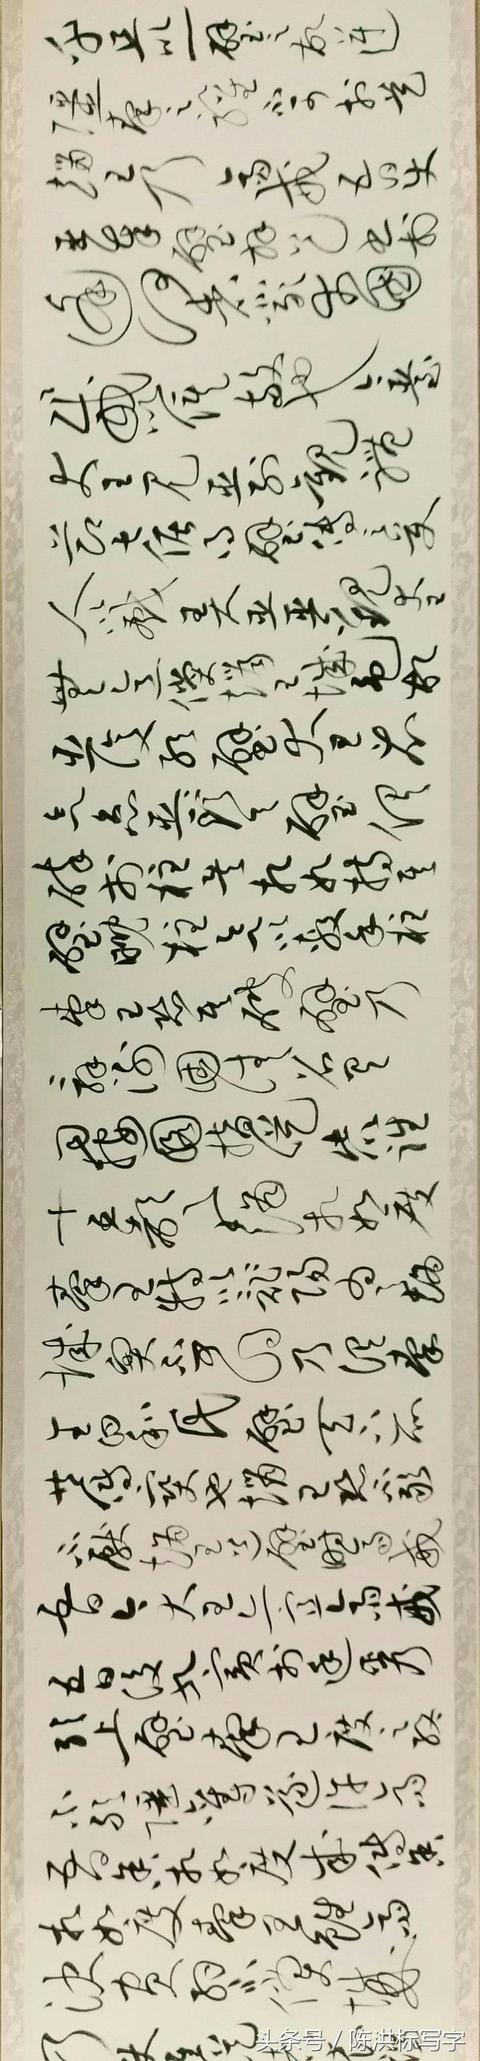 黃庭堅被穆父批後不寫草書,為何後來寫了絕品《廉頗藺相如列傳》 - 每日頭條